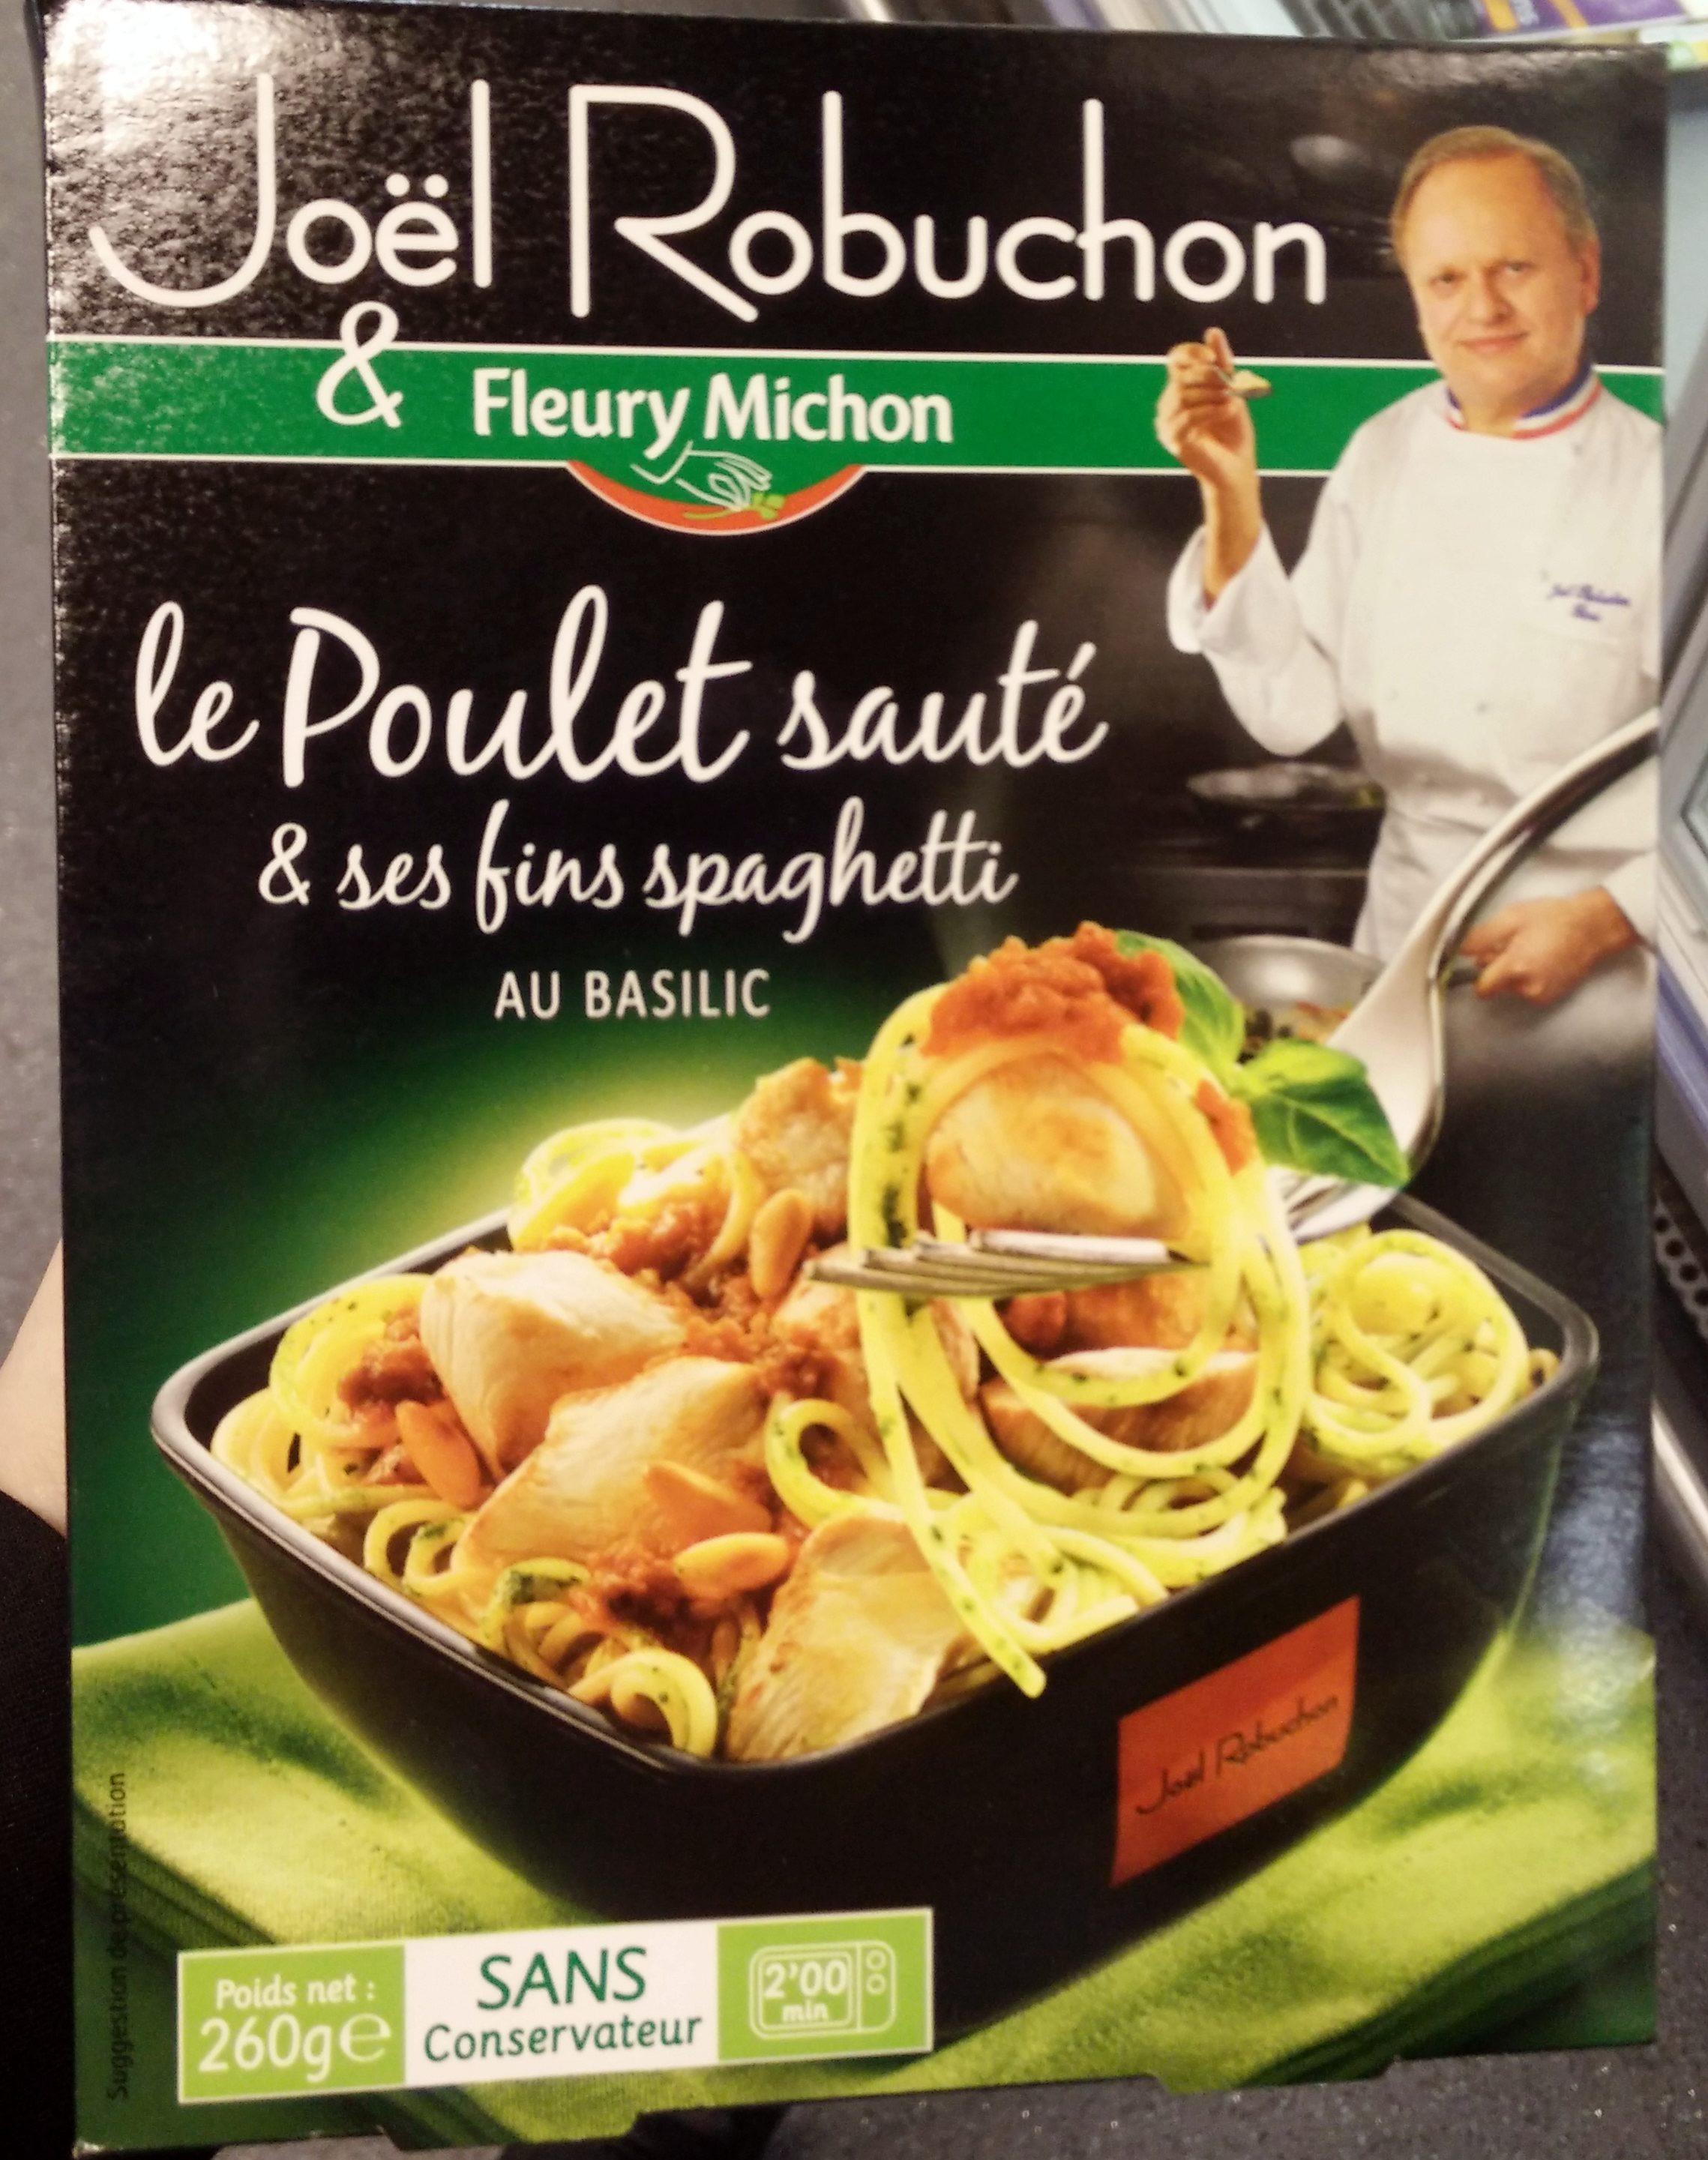 Poulet sauté & ses fins spaghetti au Basilic - Produit